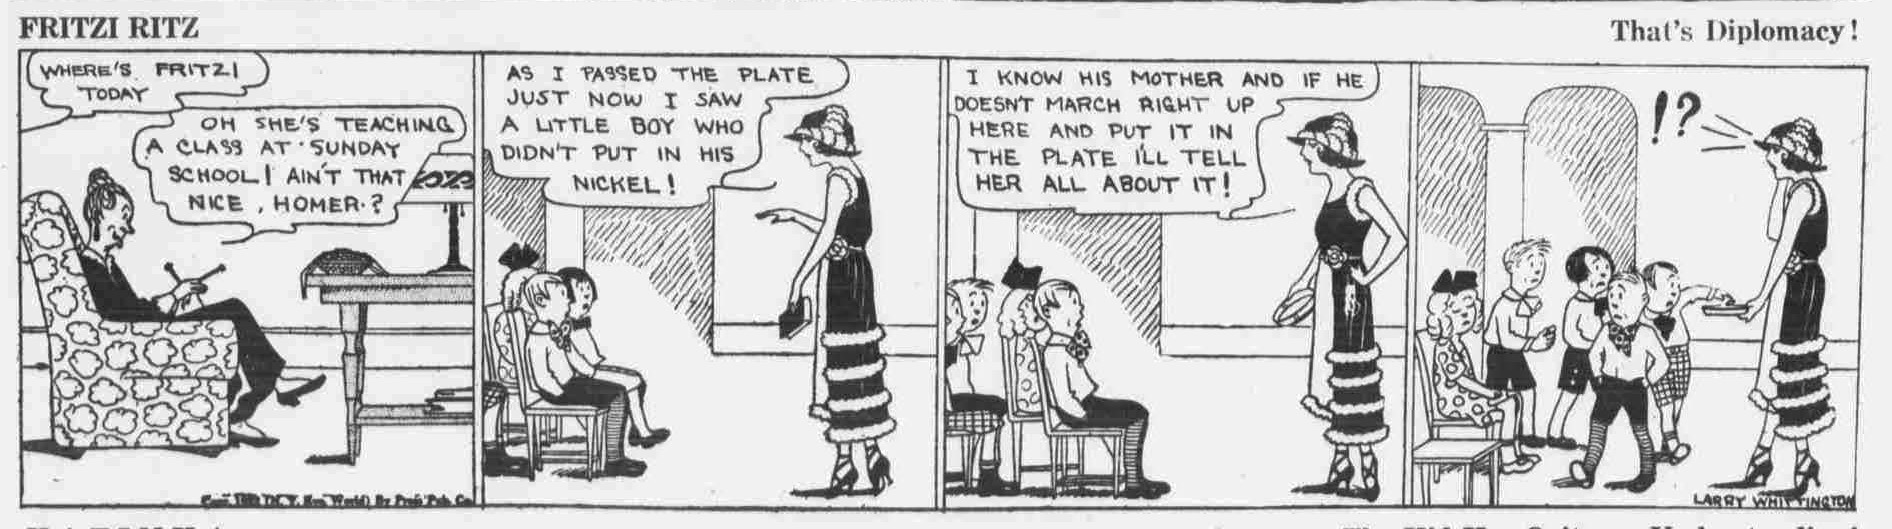 Oct. 23, 1922